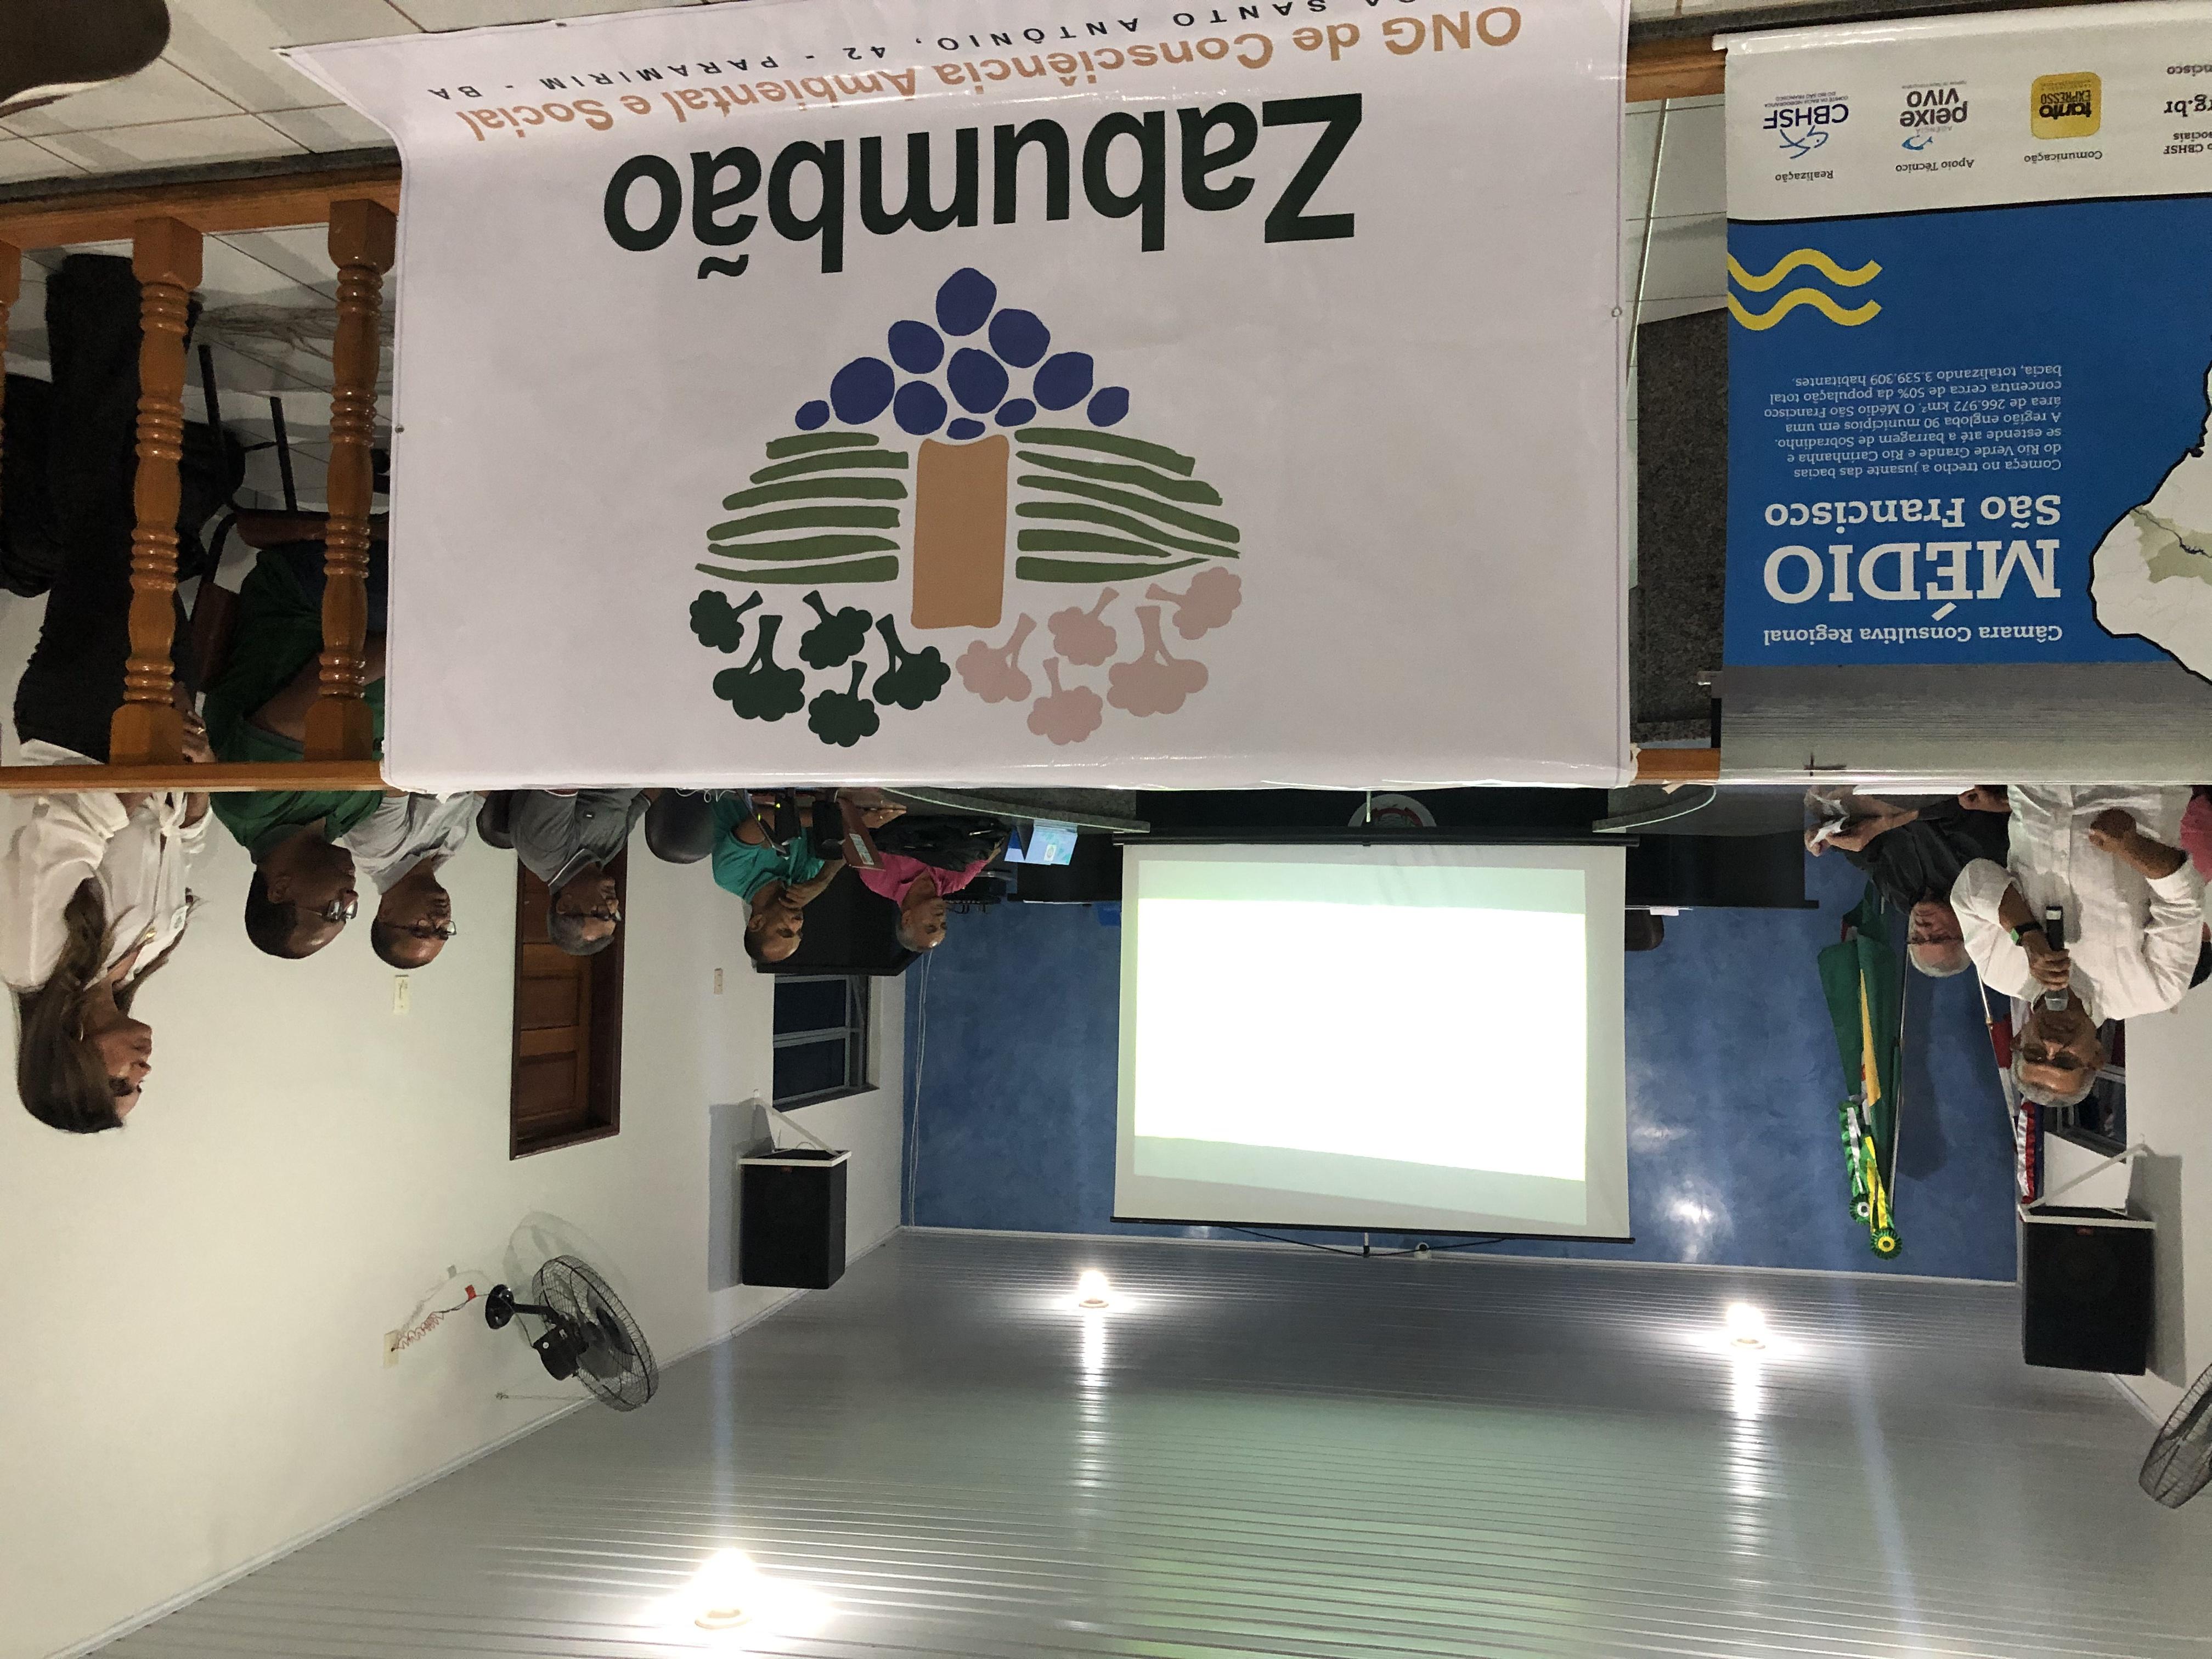 Audiencia Publica sobre recuperação hidroambiental às margens do Rio Paramirim - 19 de setembro de 2019 - Paramirim